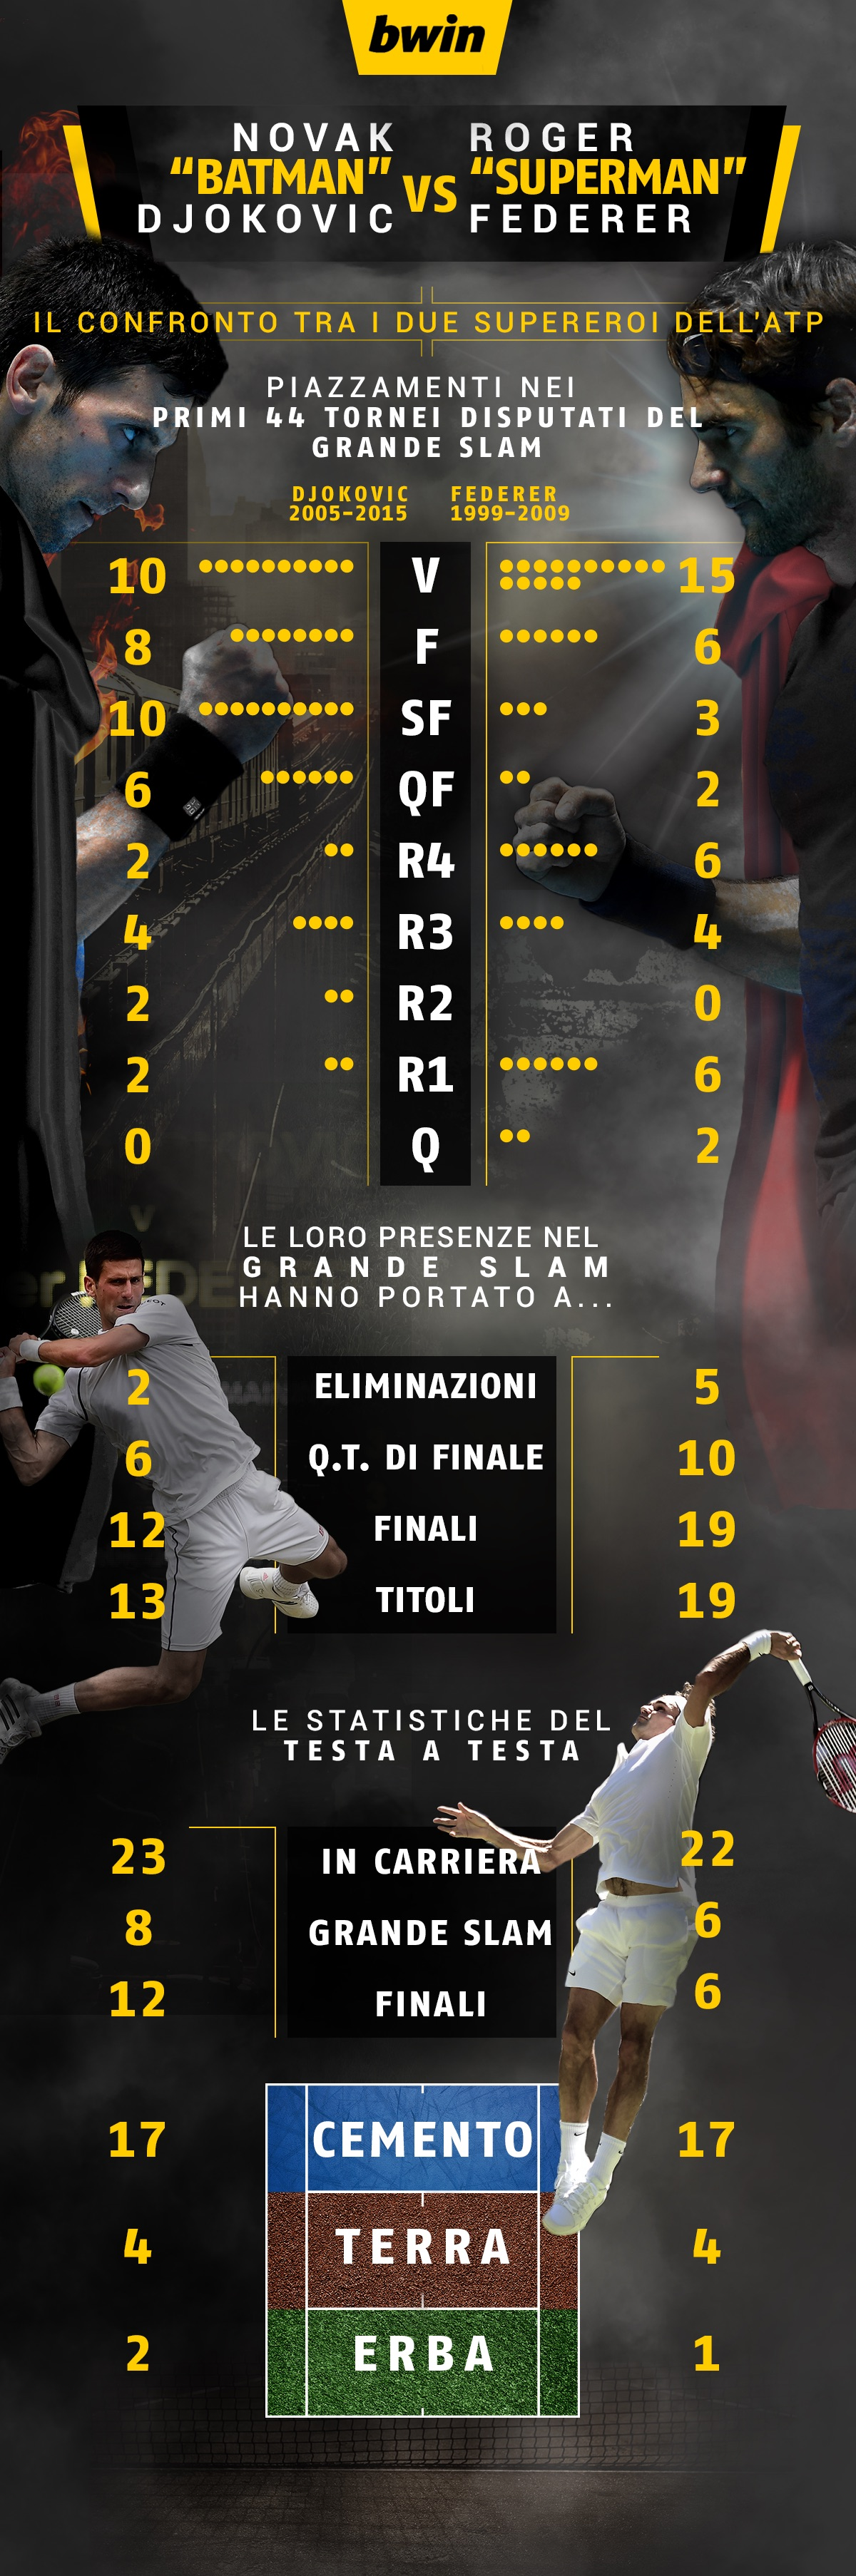 Bwin-Djokovic-V-Federer ITA